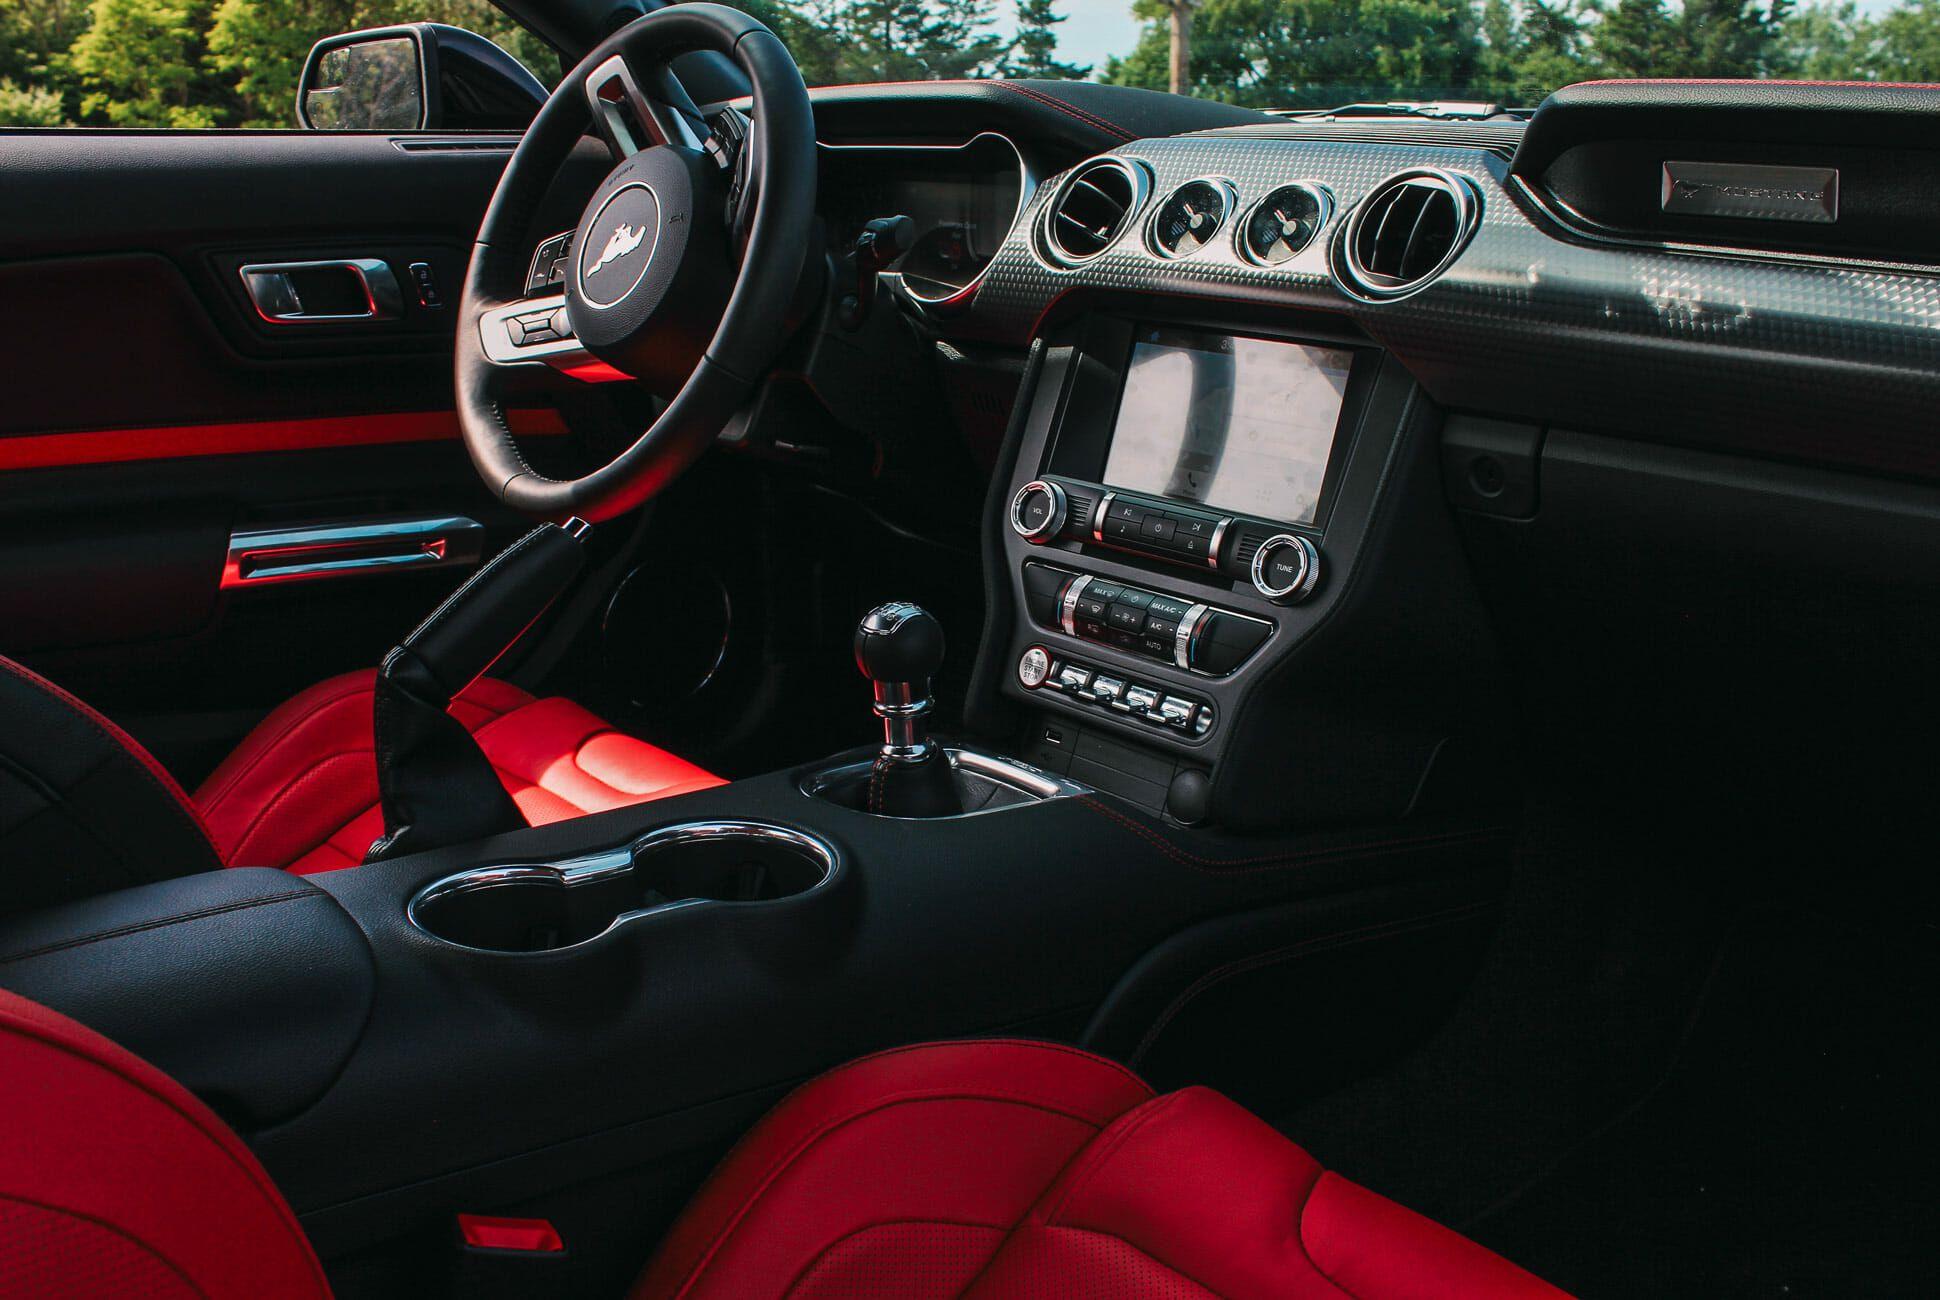 Mustang-Performance-Pack-Gear-Patrol-Slide-4